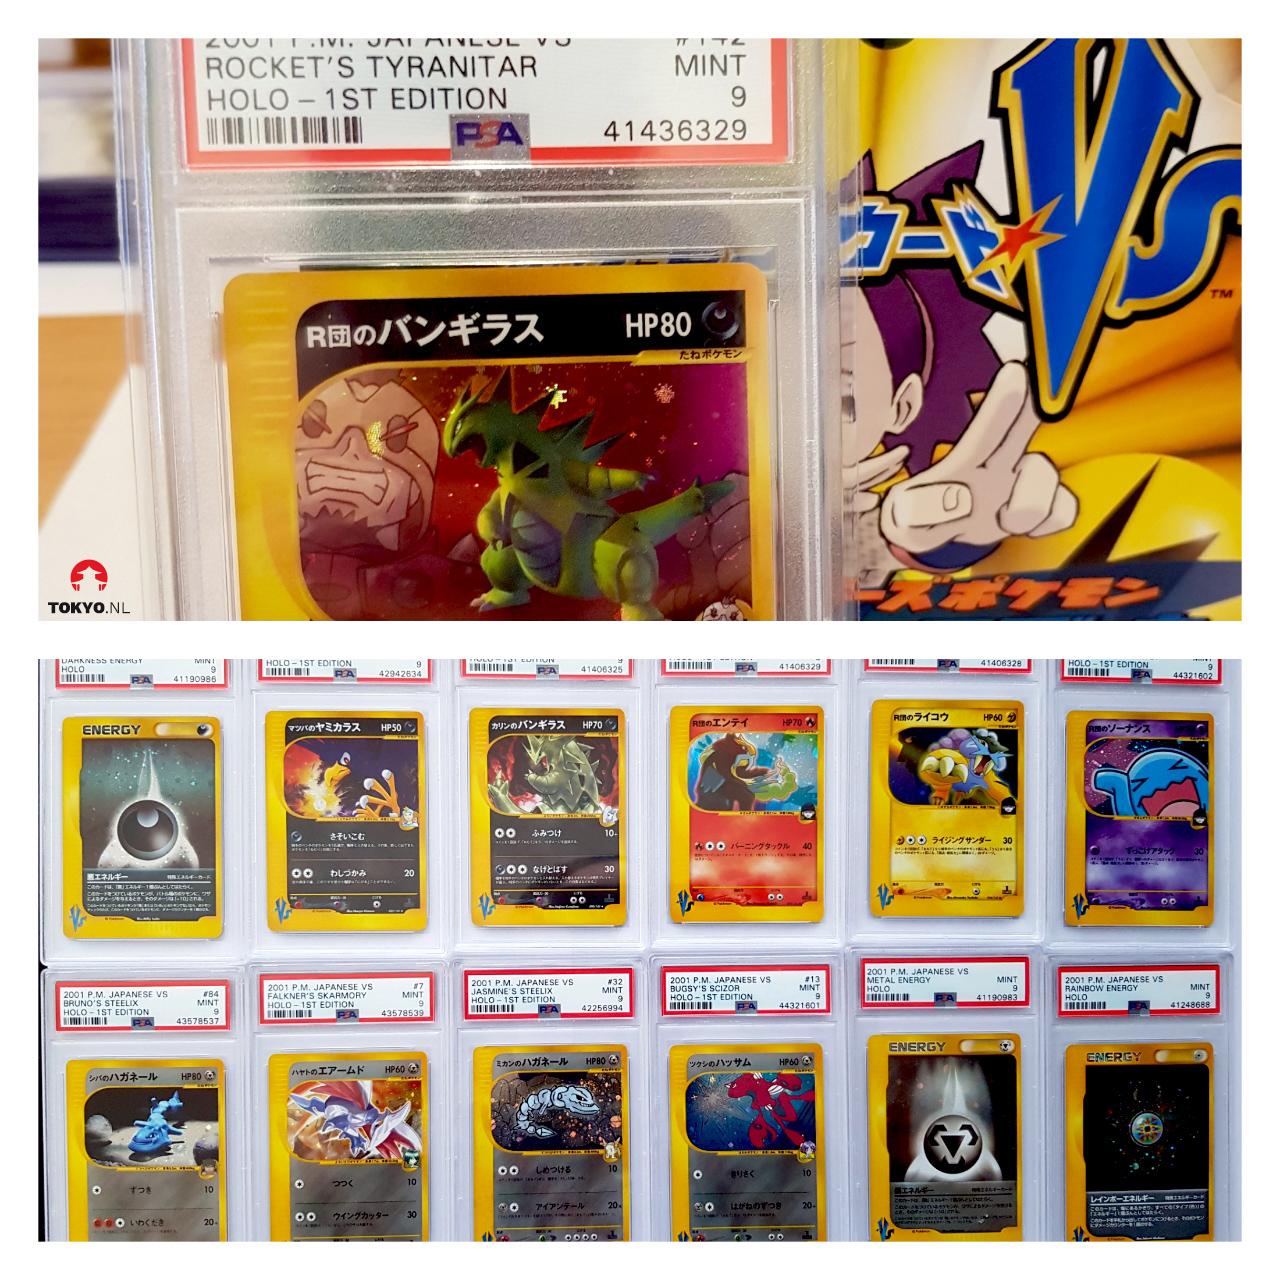 Japanse Rocket's Tyranitar